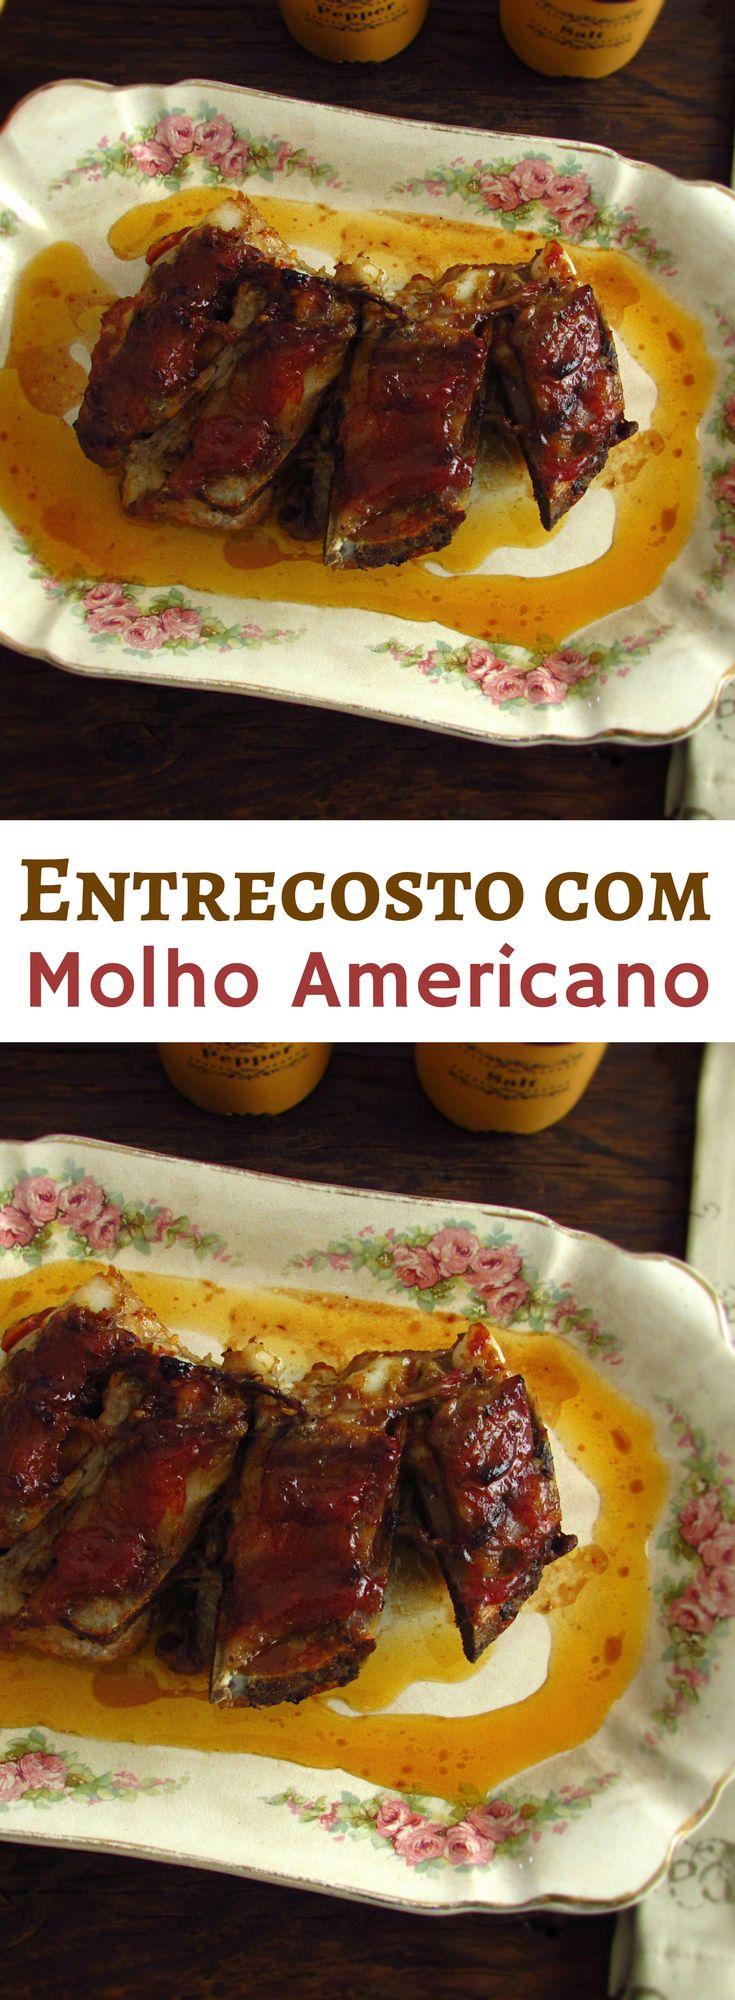 Entrecosto com molho Americano | Food From Portugal. Quer preparar um receita especial e bastante saborosa de carne? Temos a solução perfeita para si! Este entrecosto no forno regado com um molho delicioso vai surpreender as suas visitas… #receita #entrecosto #molho